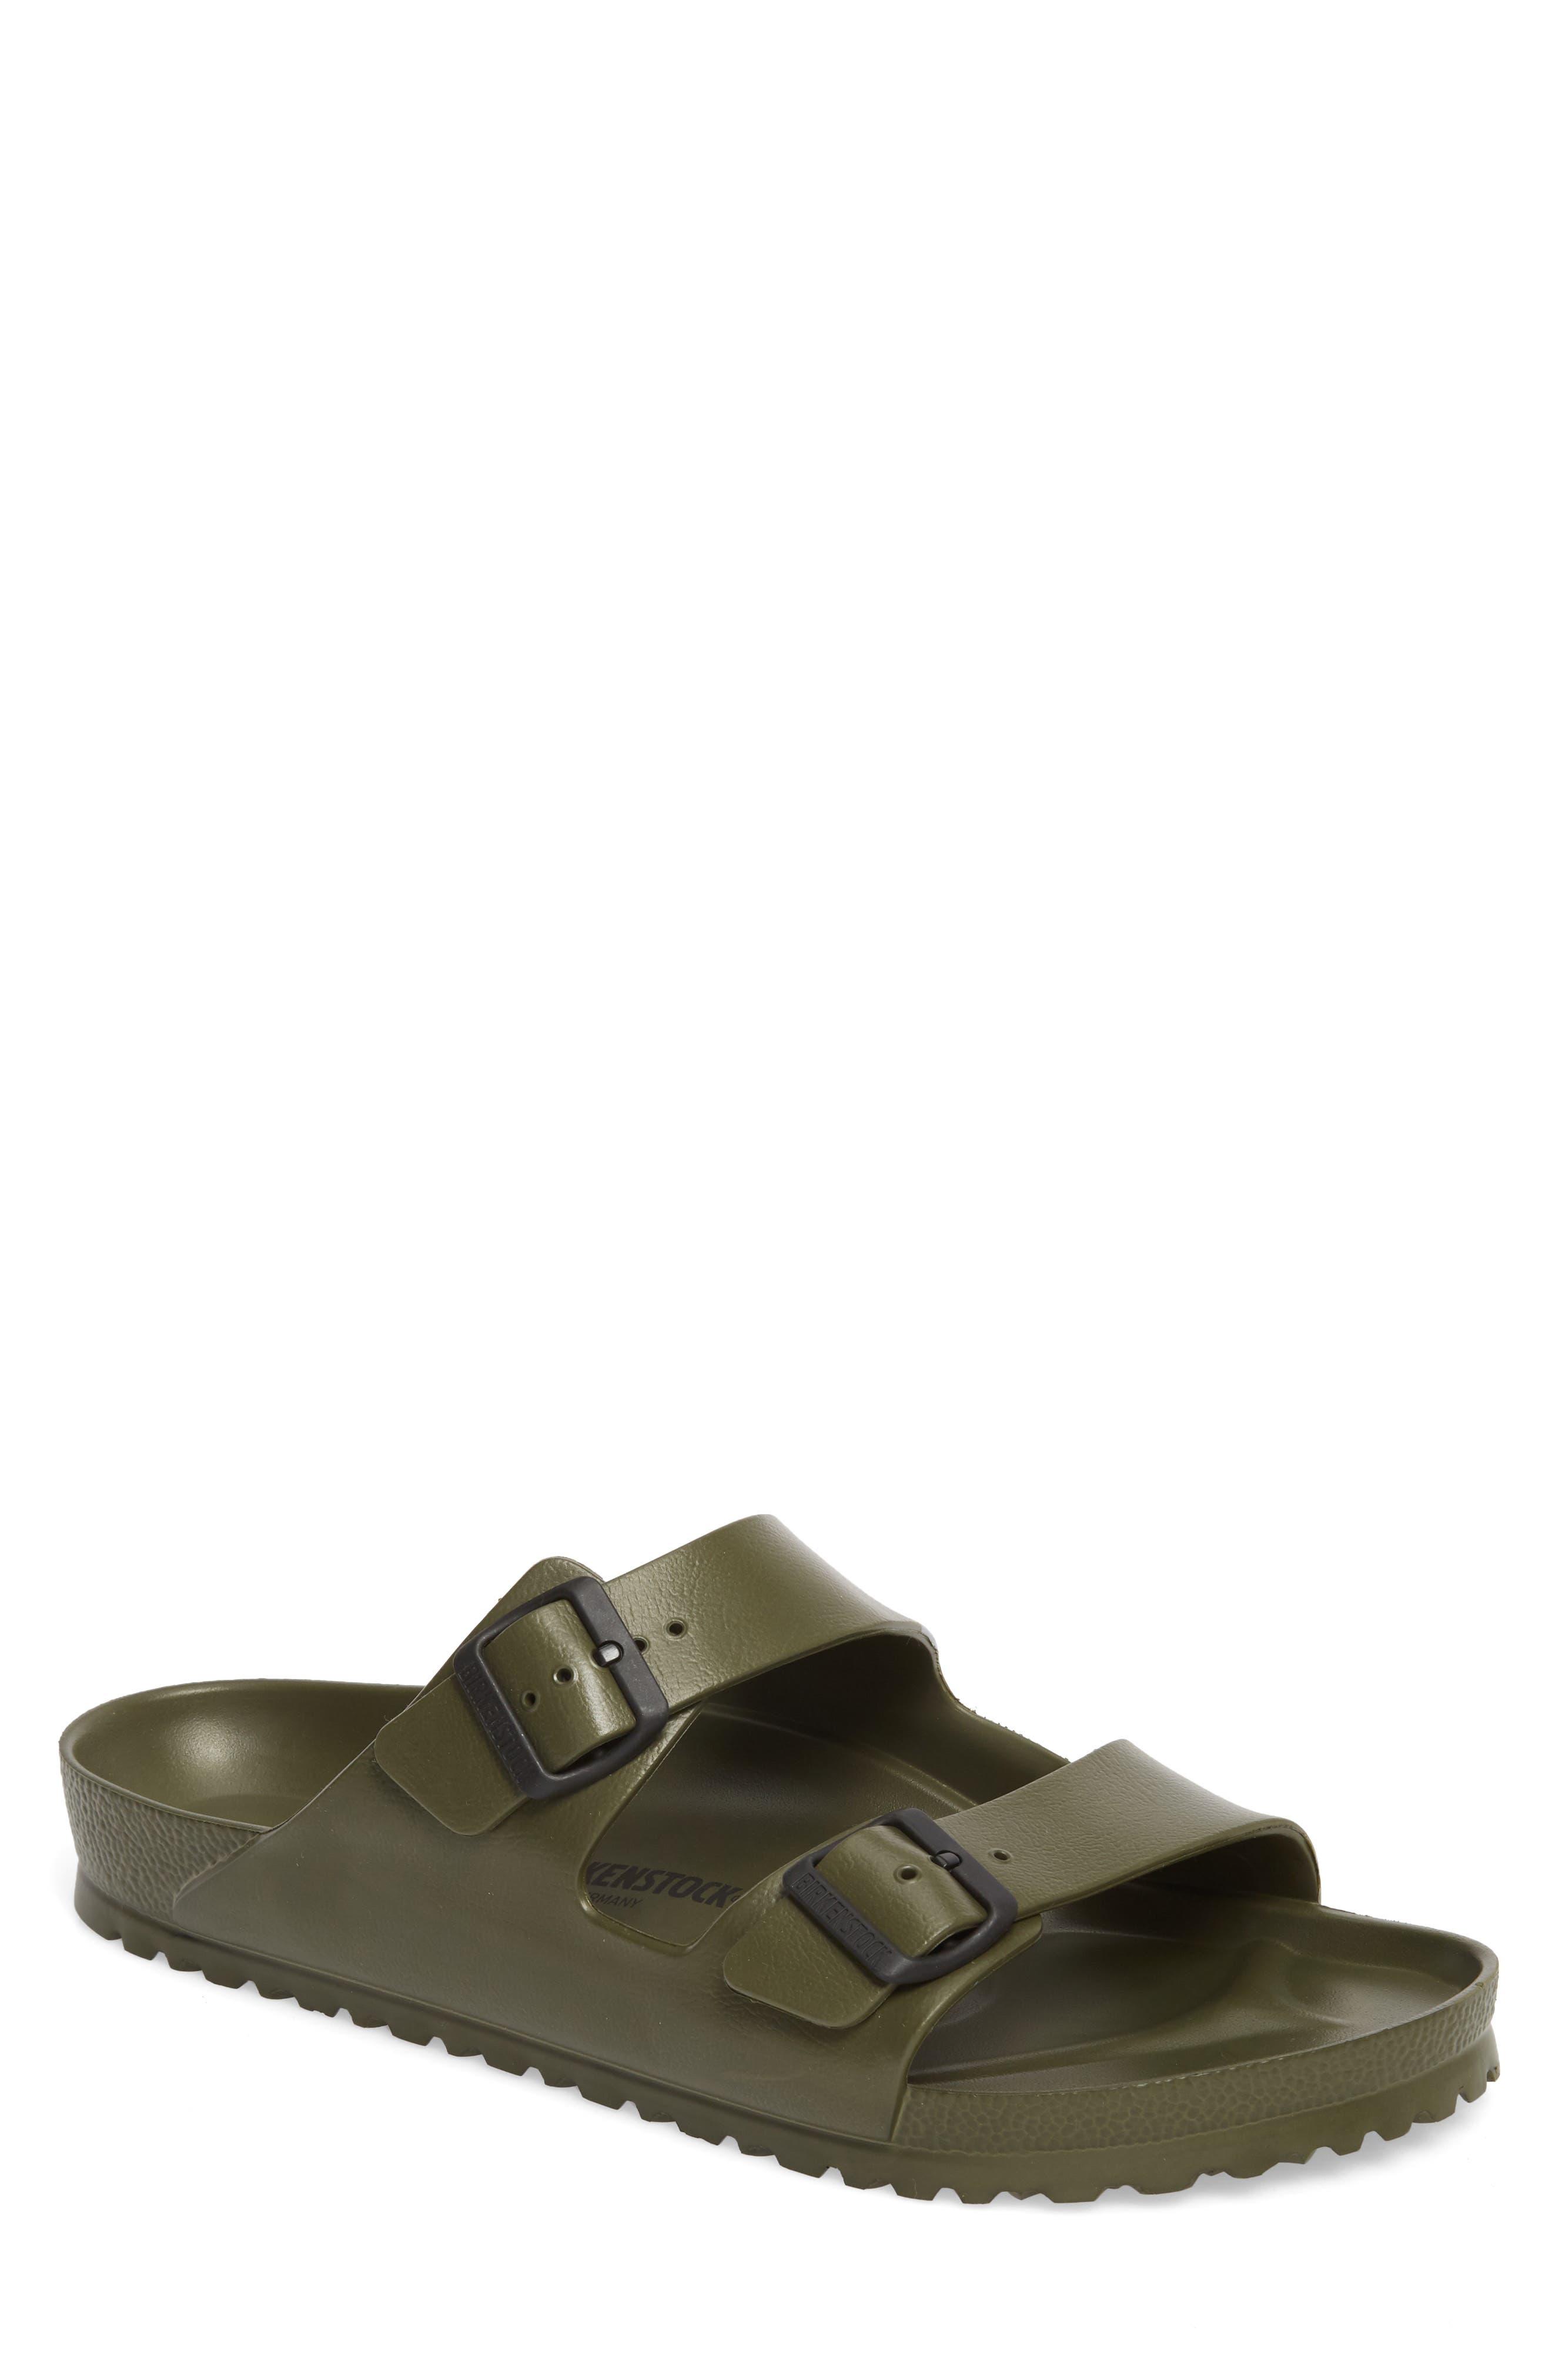 Birkenstock Essentials Arizona Eva Waterproof Slide Sandal,11.5US / 44EU - Green